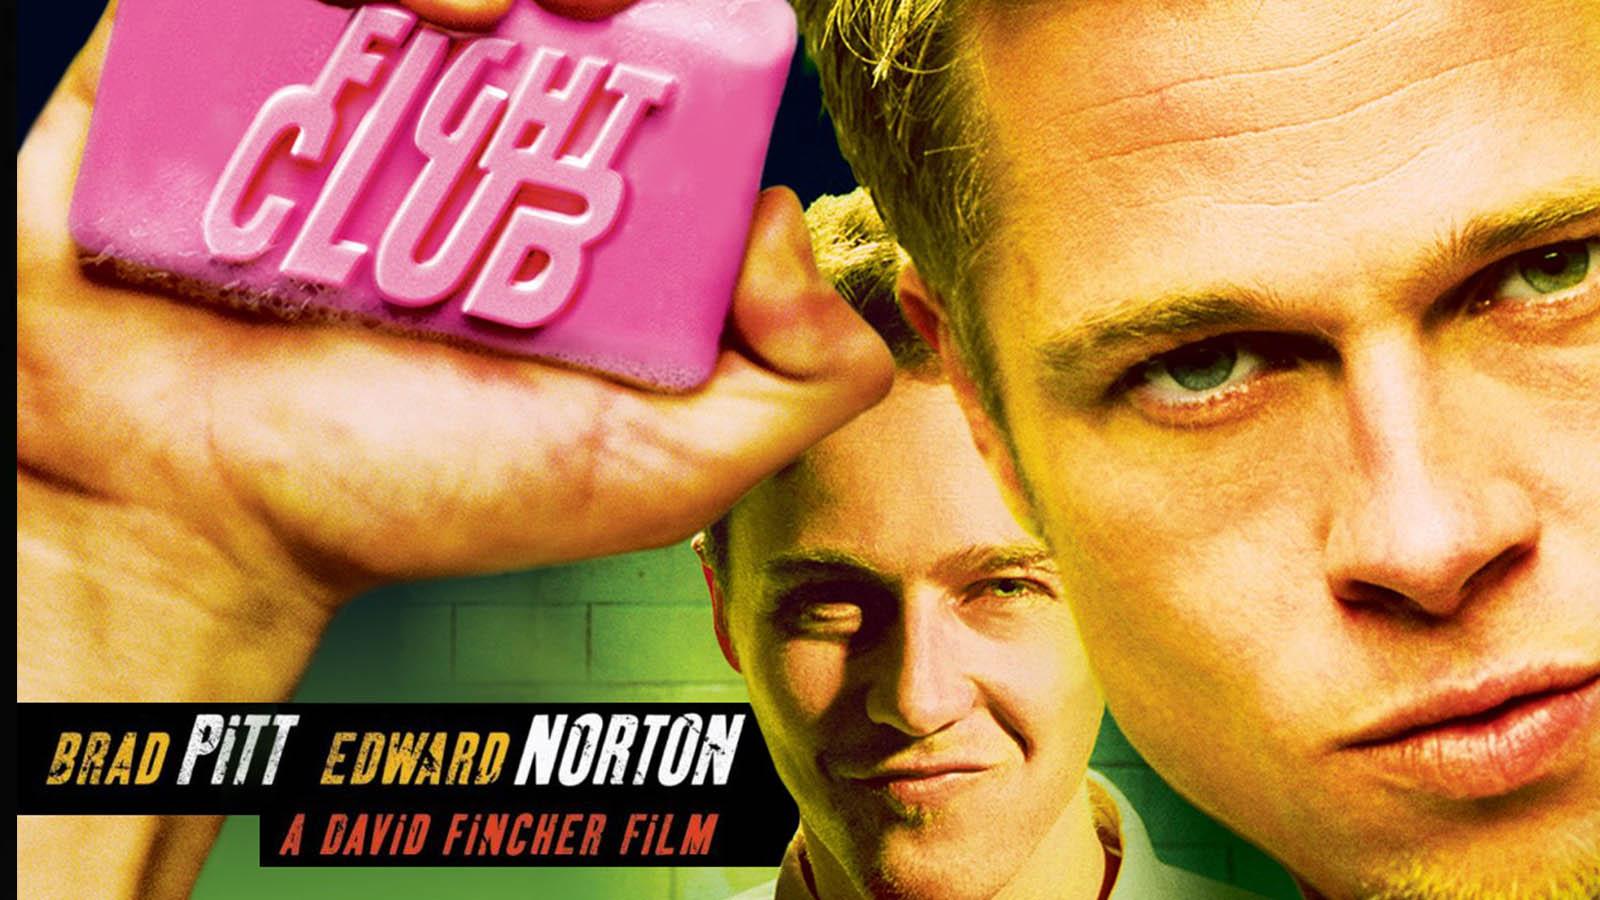 'El club de la lucha' (Fox 2000)